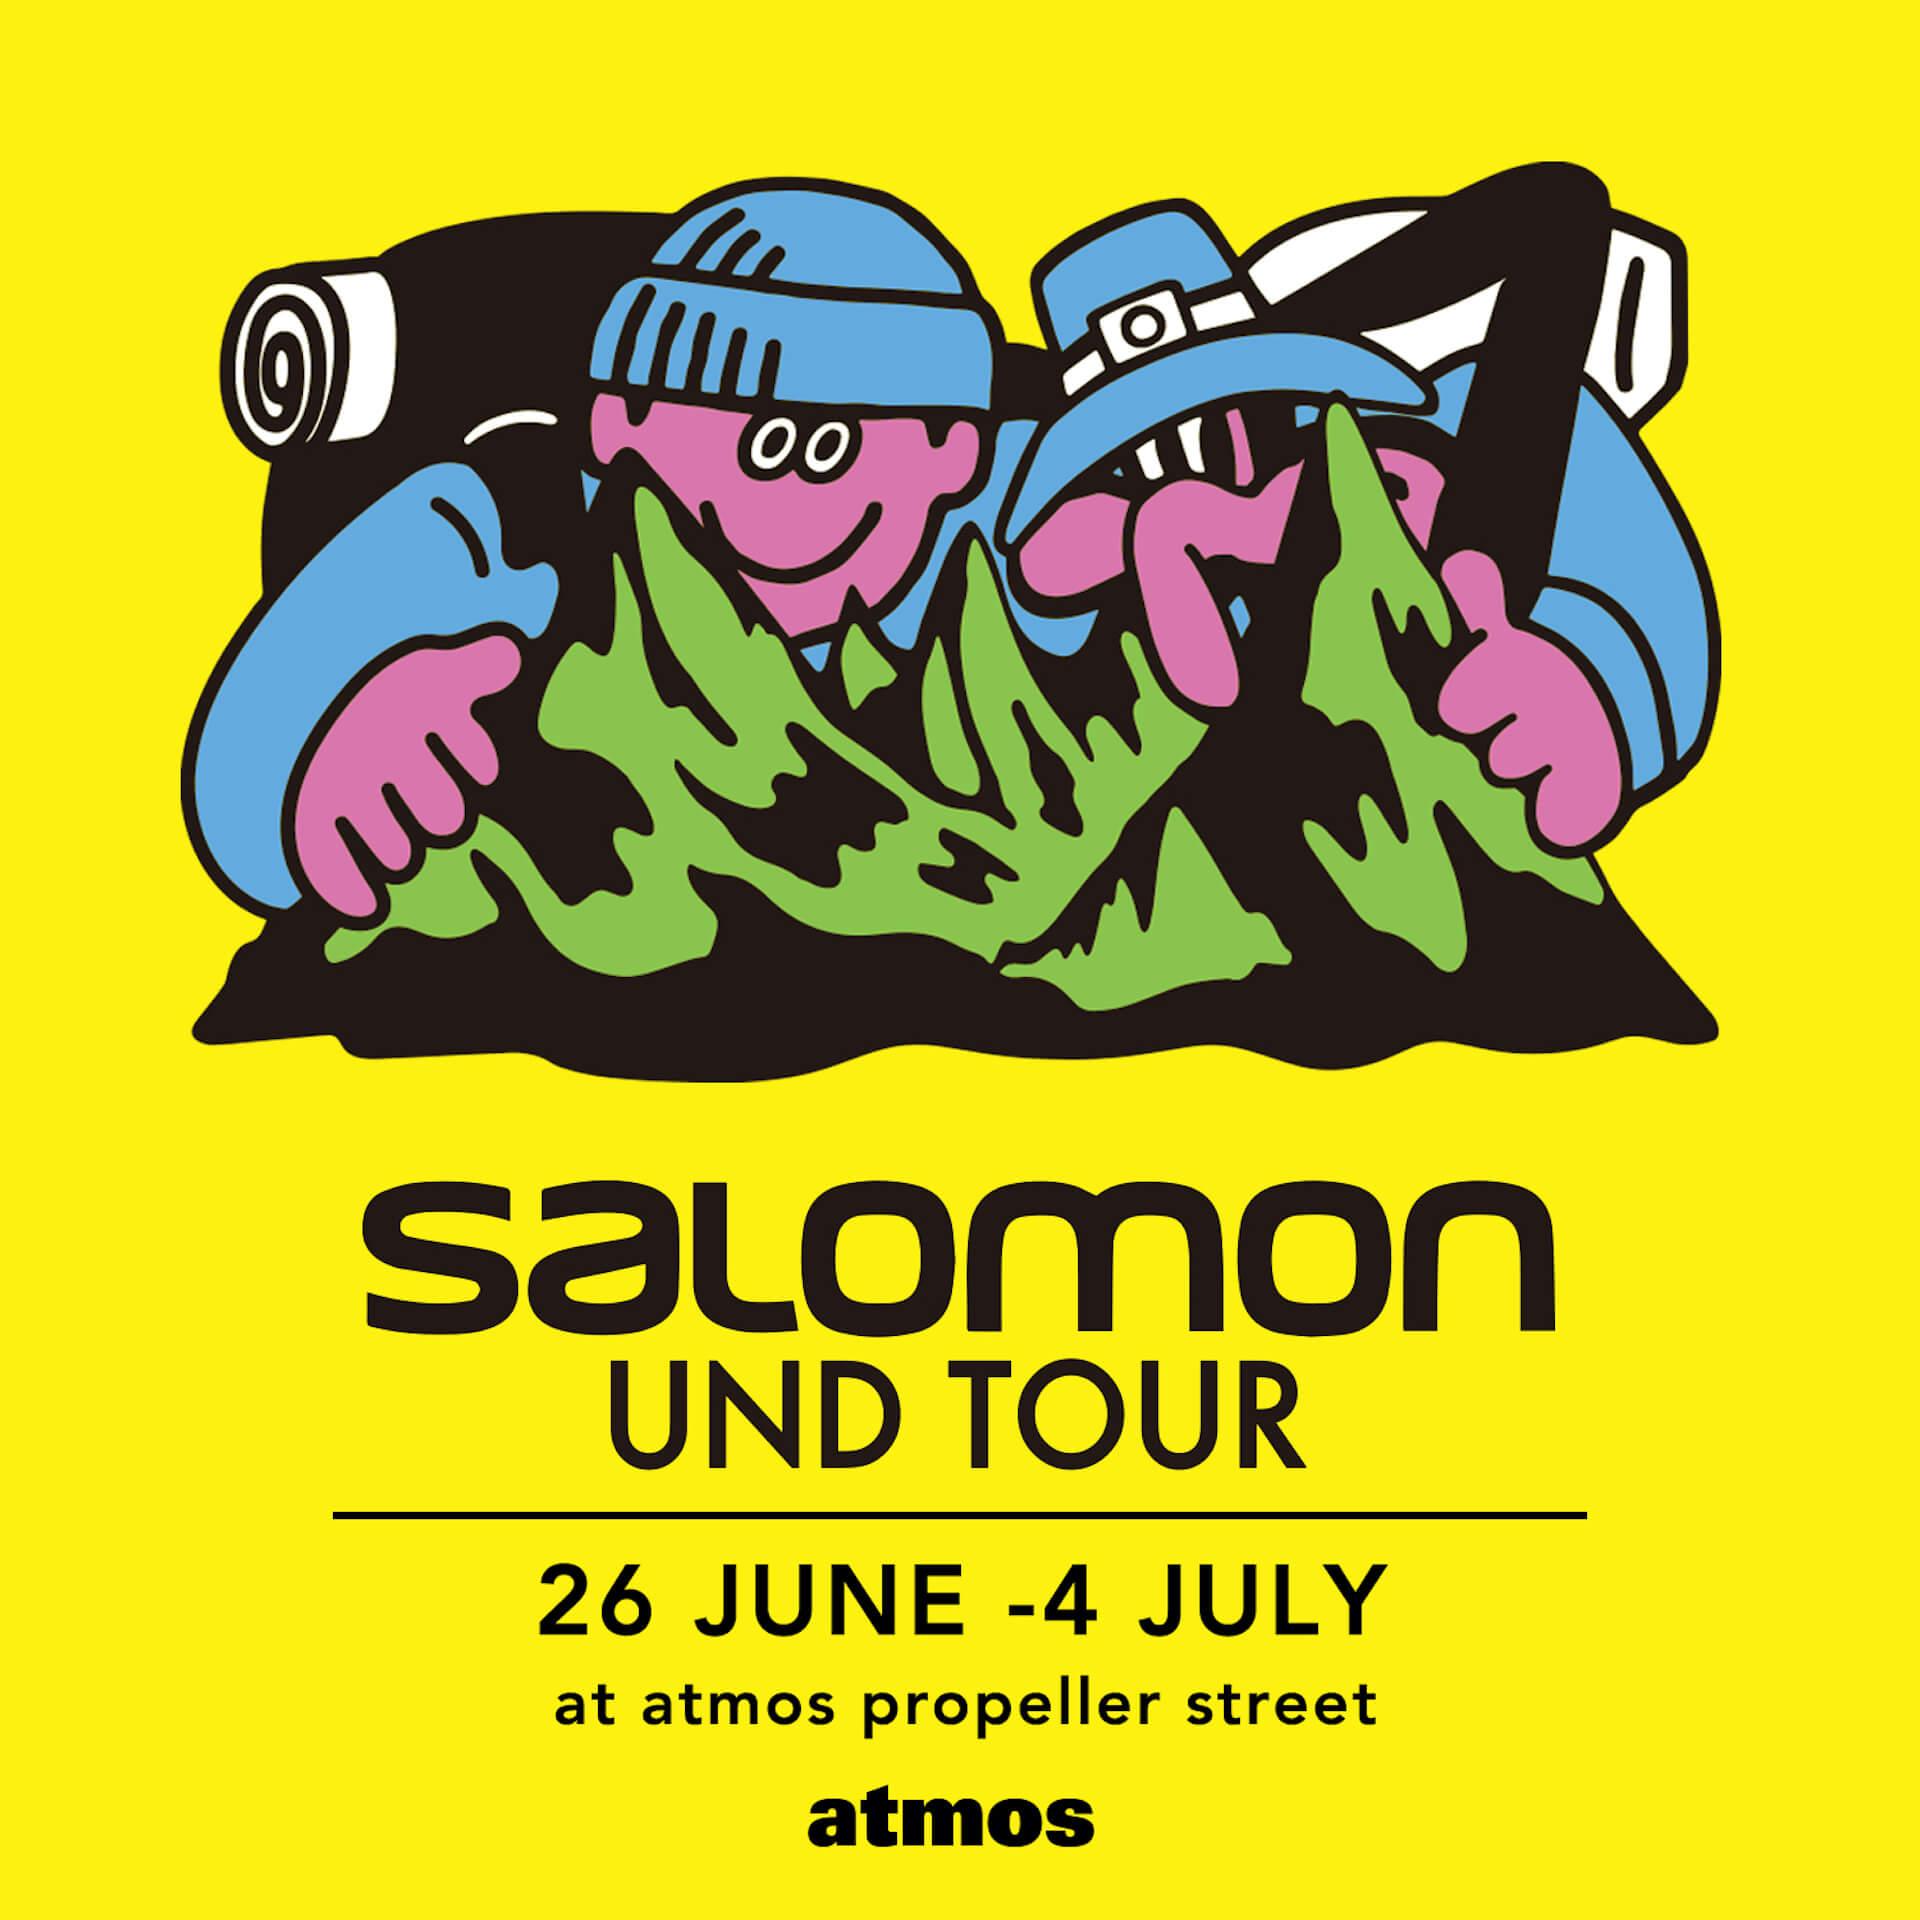 イラストレーターFACE、SHINKNOWNSUKEによるアートユニットUNDによる<First steps with Salomon〜UND TOUR〜>アート展が開催! Fashion210622_und_atoms20